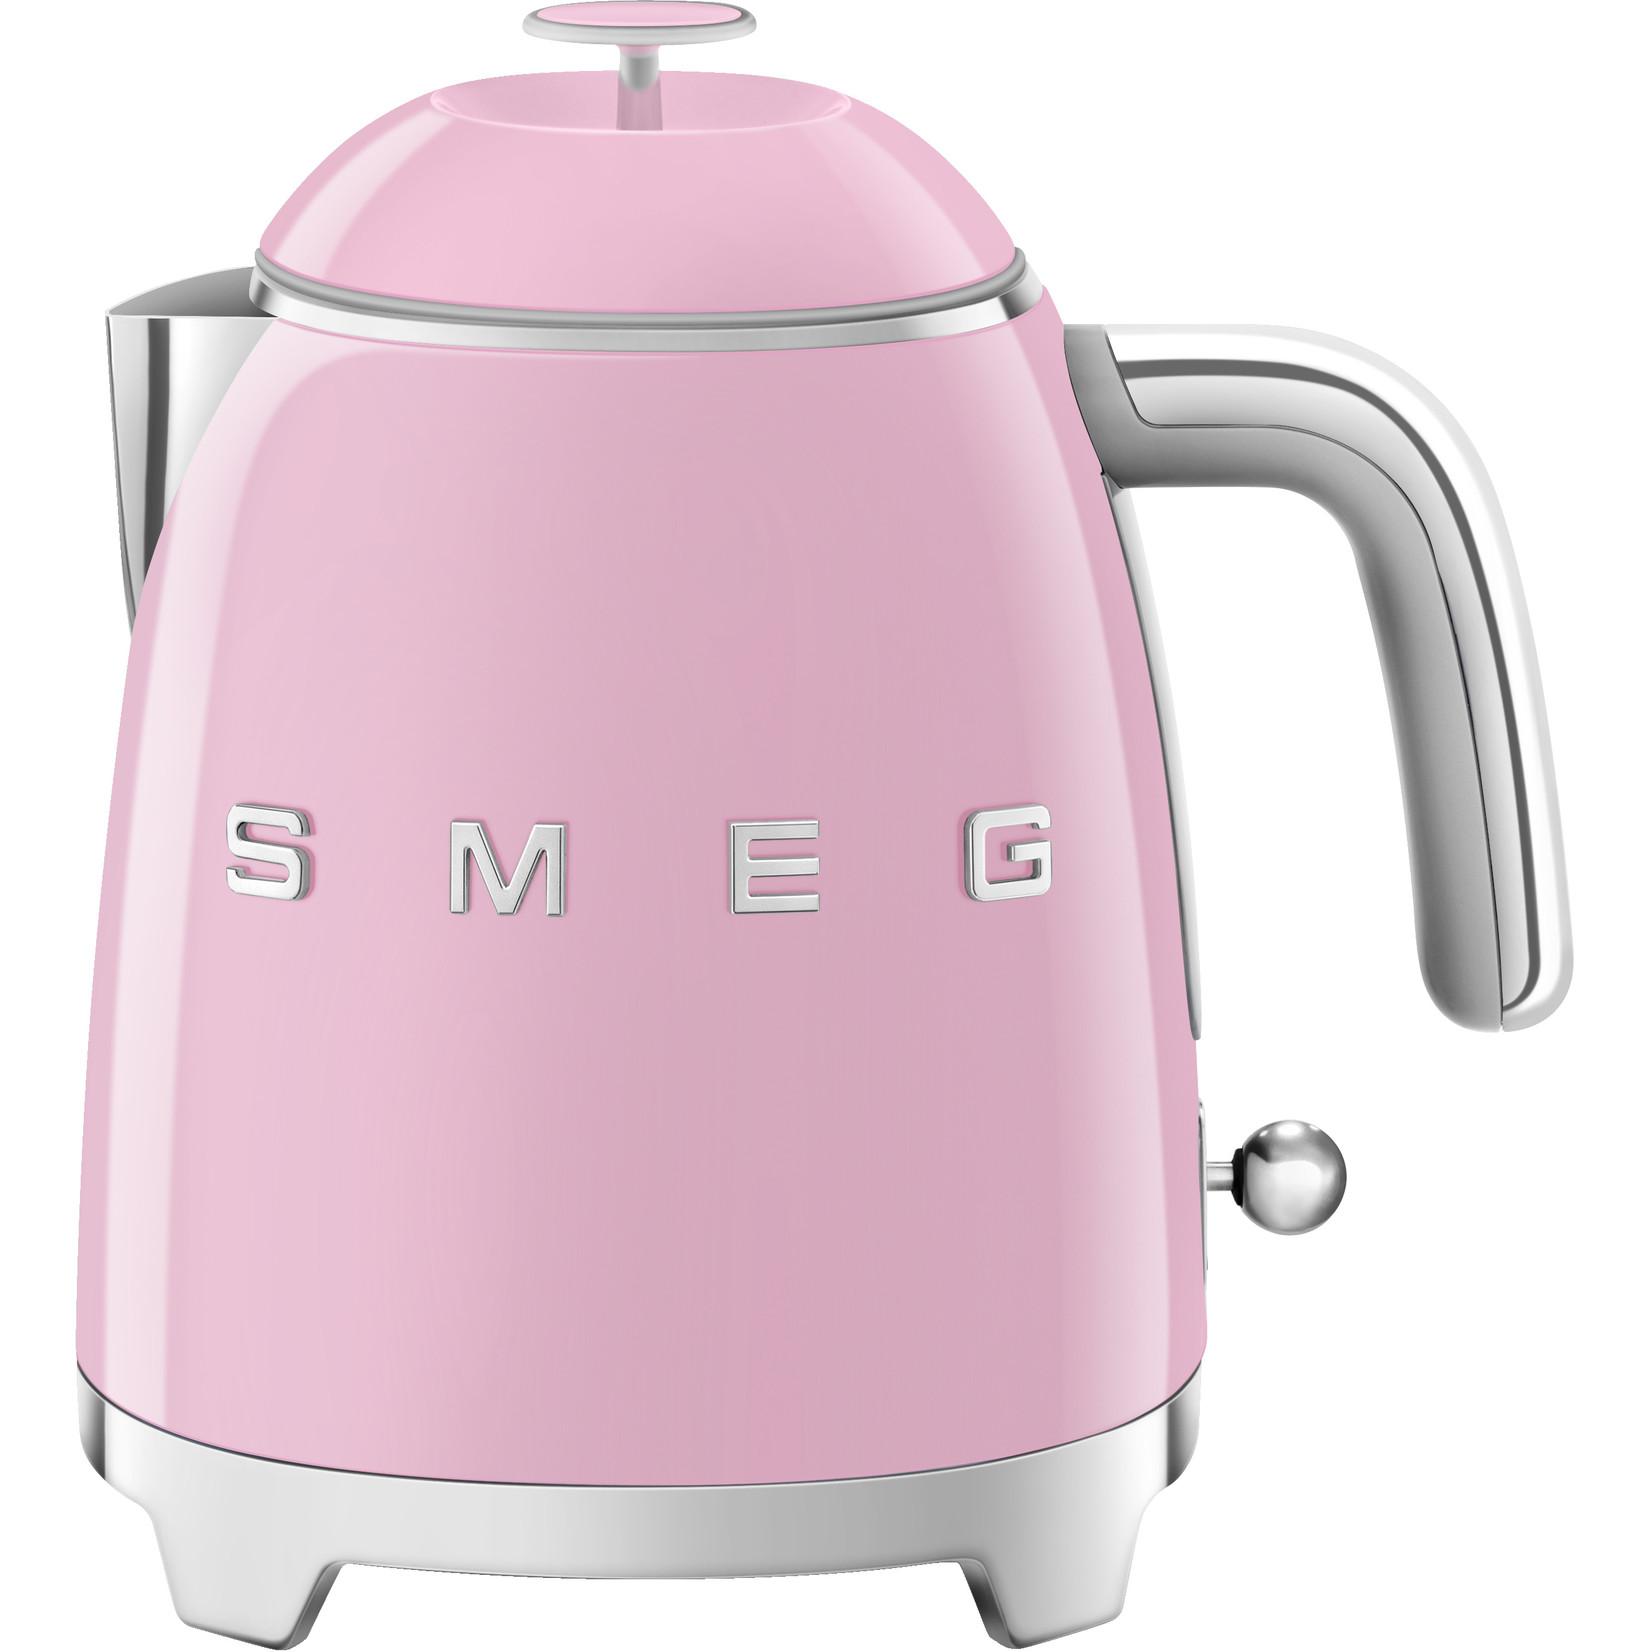 Smeg Smeg waterkoker 0,8 liter, roze